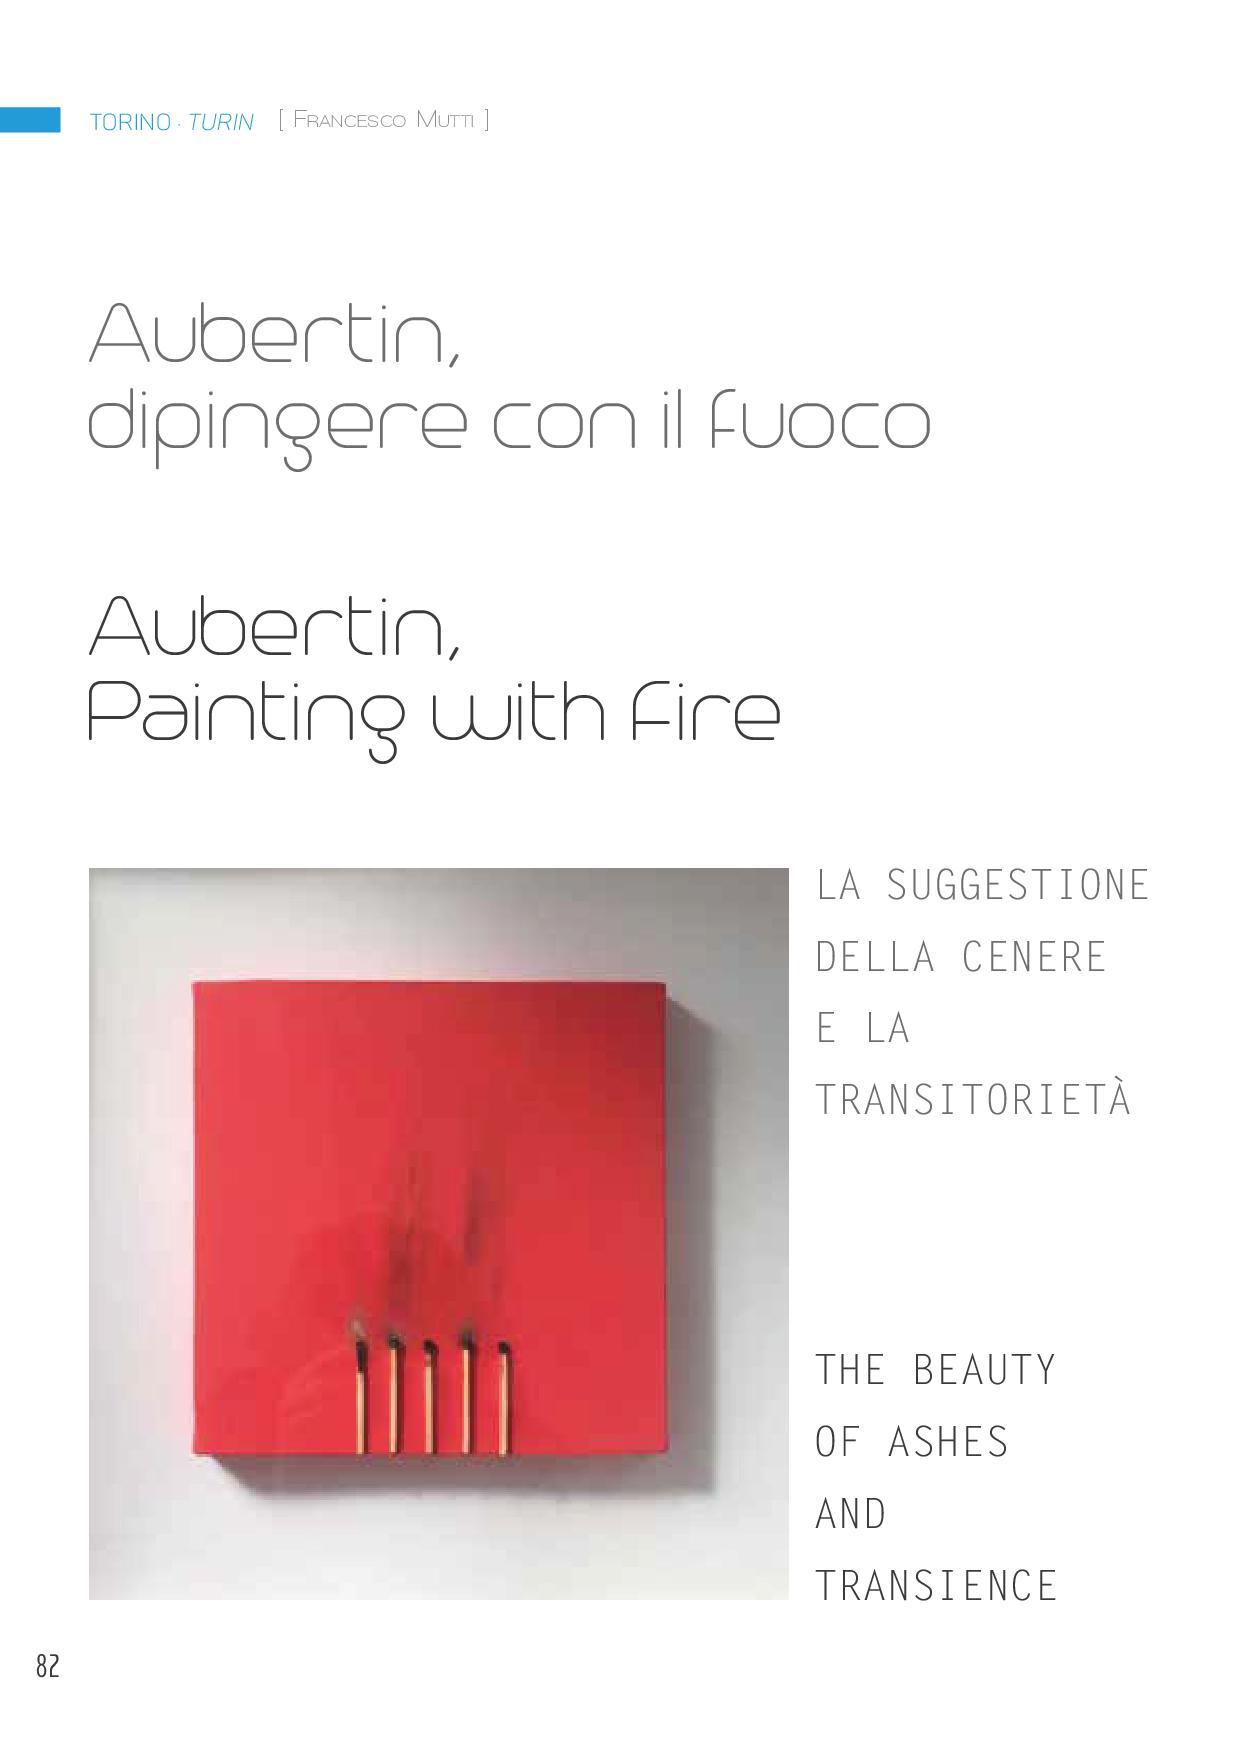 Mostre Torino Aubertin malinpensa galleria d arte.jpg